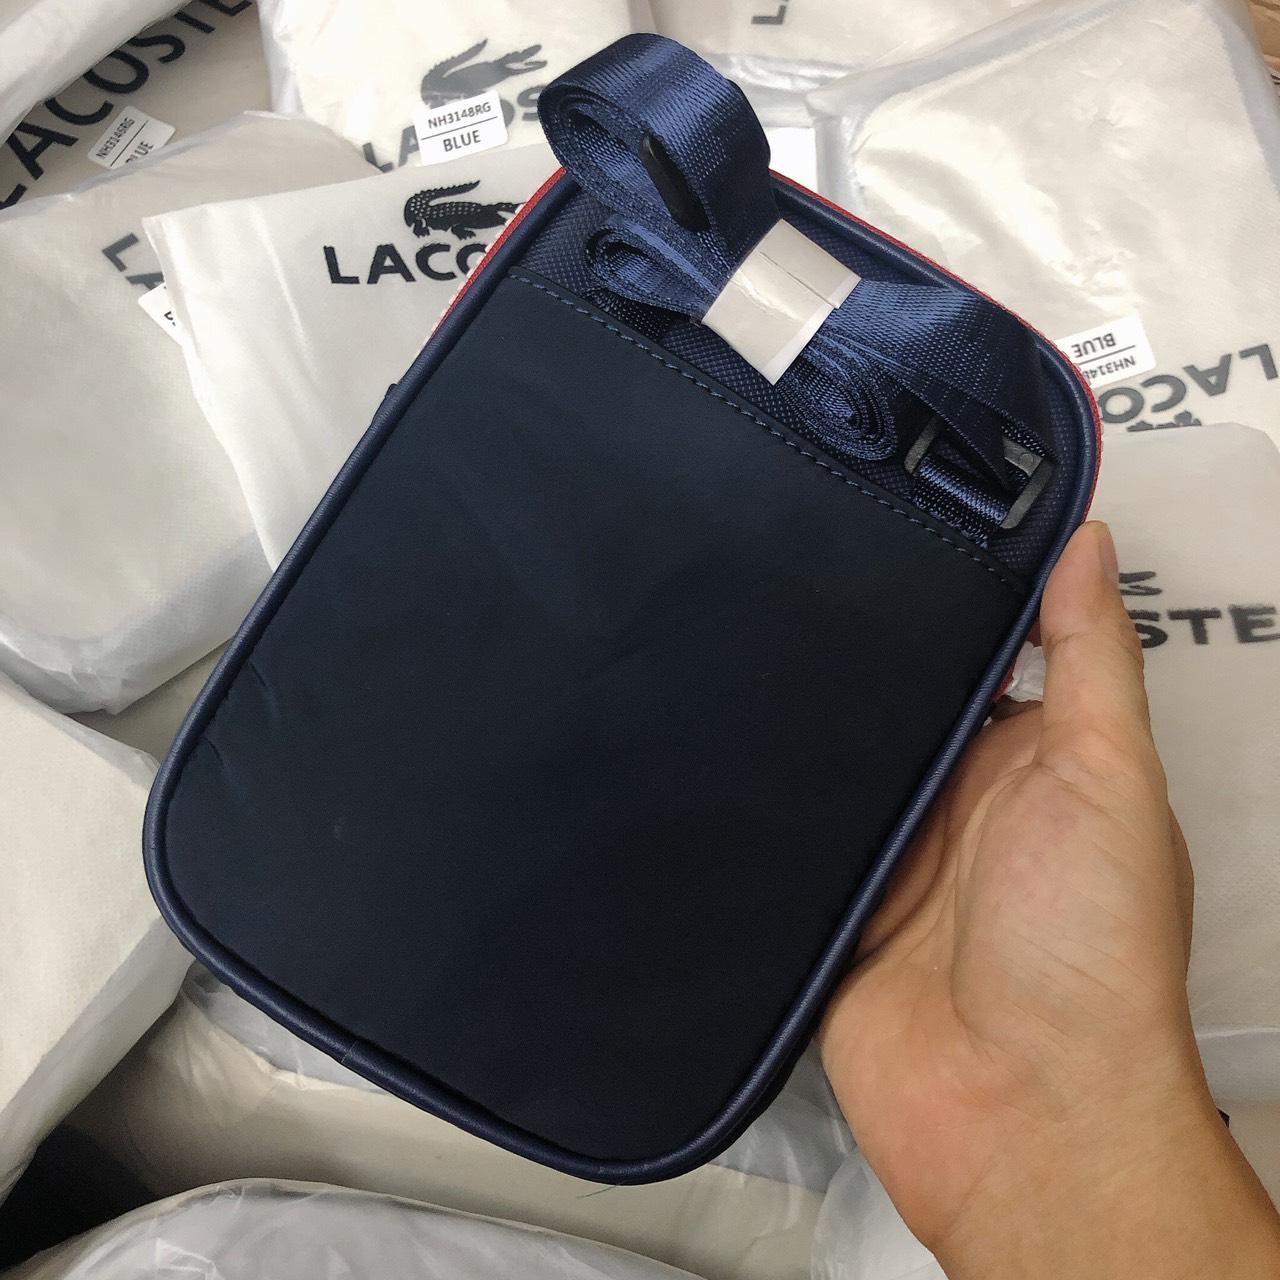 Túi Lacoste đeo chéo bầu trơn - XK821